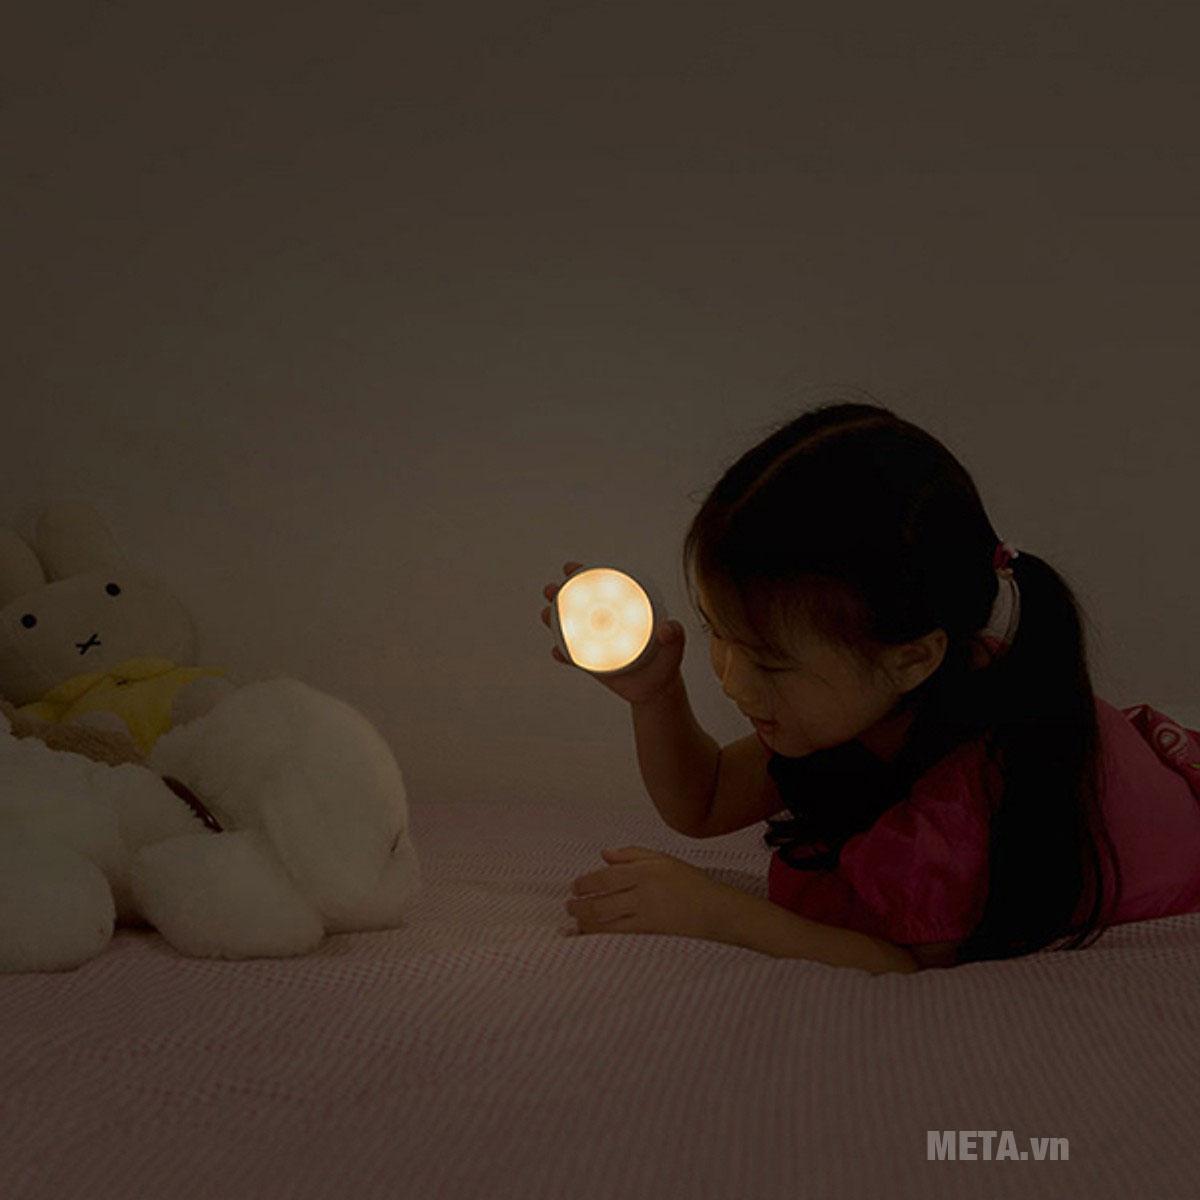 Đèn cảm ứng ban đêm Xiaomi Yeelight Rechargeable Night Light cho ánh sáng dịu nhẹ